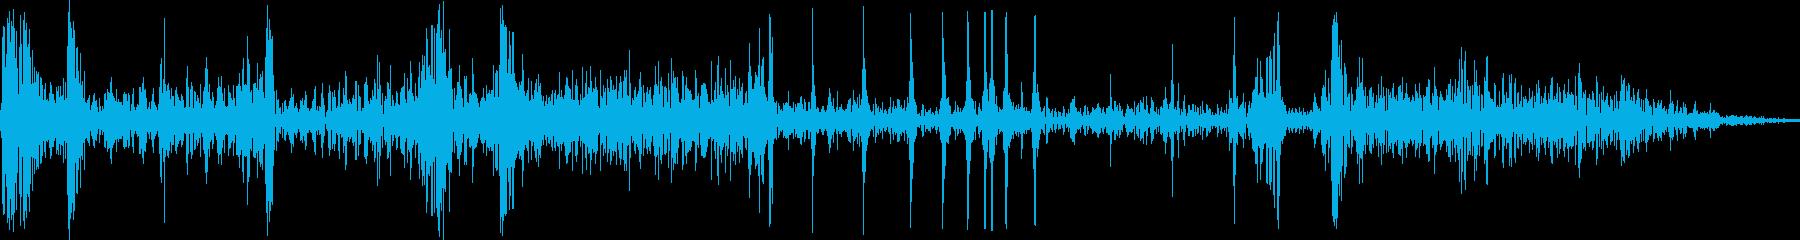 打撃・骨折の音02の再生済みの波形